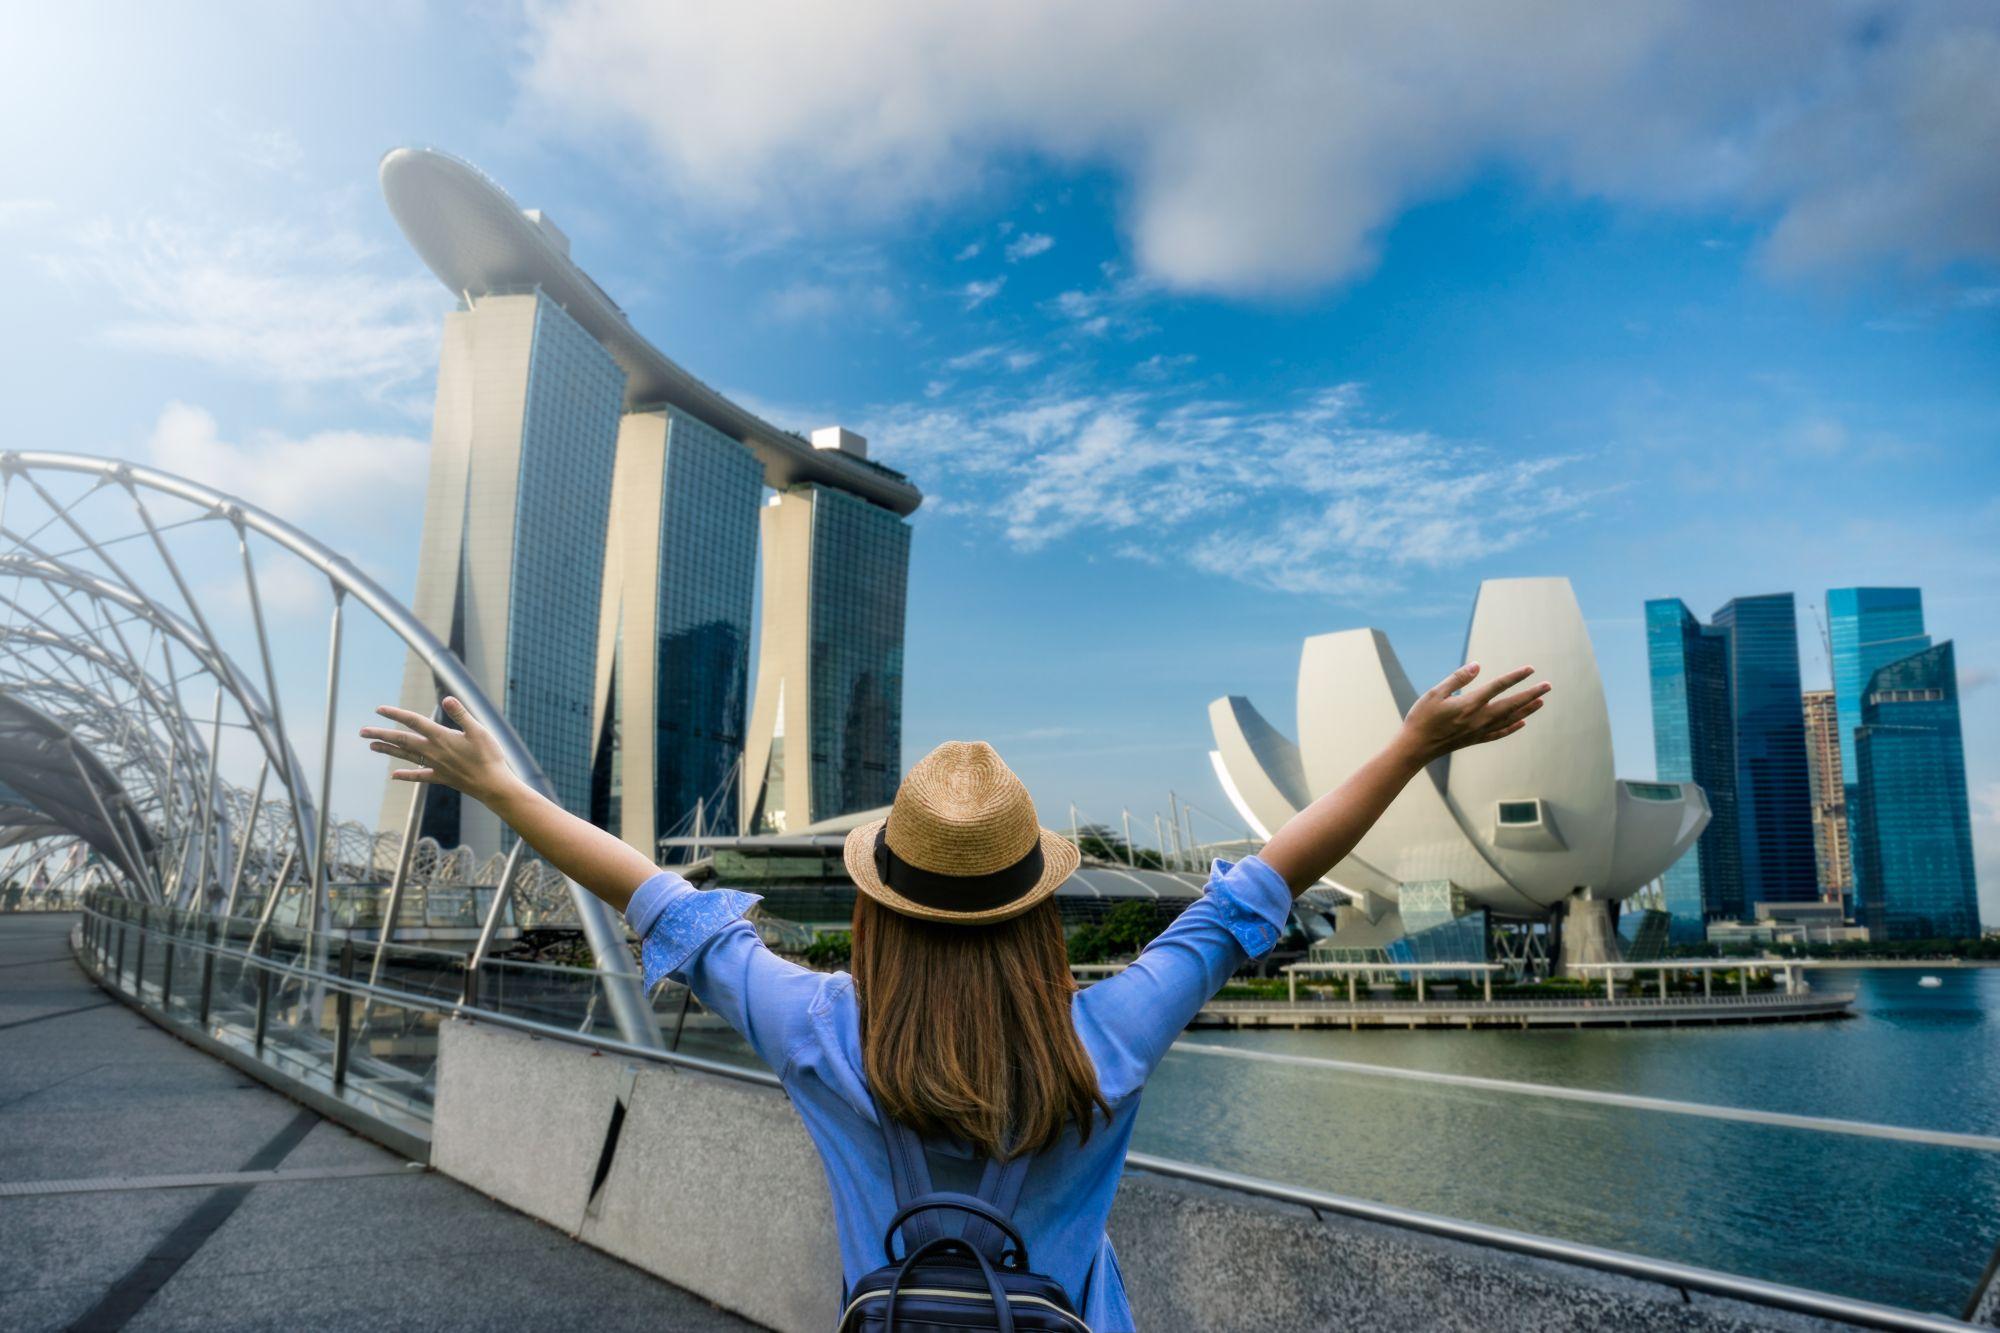 Turystka w Singapurze